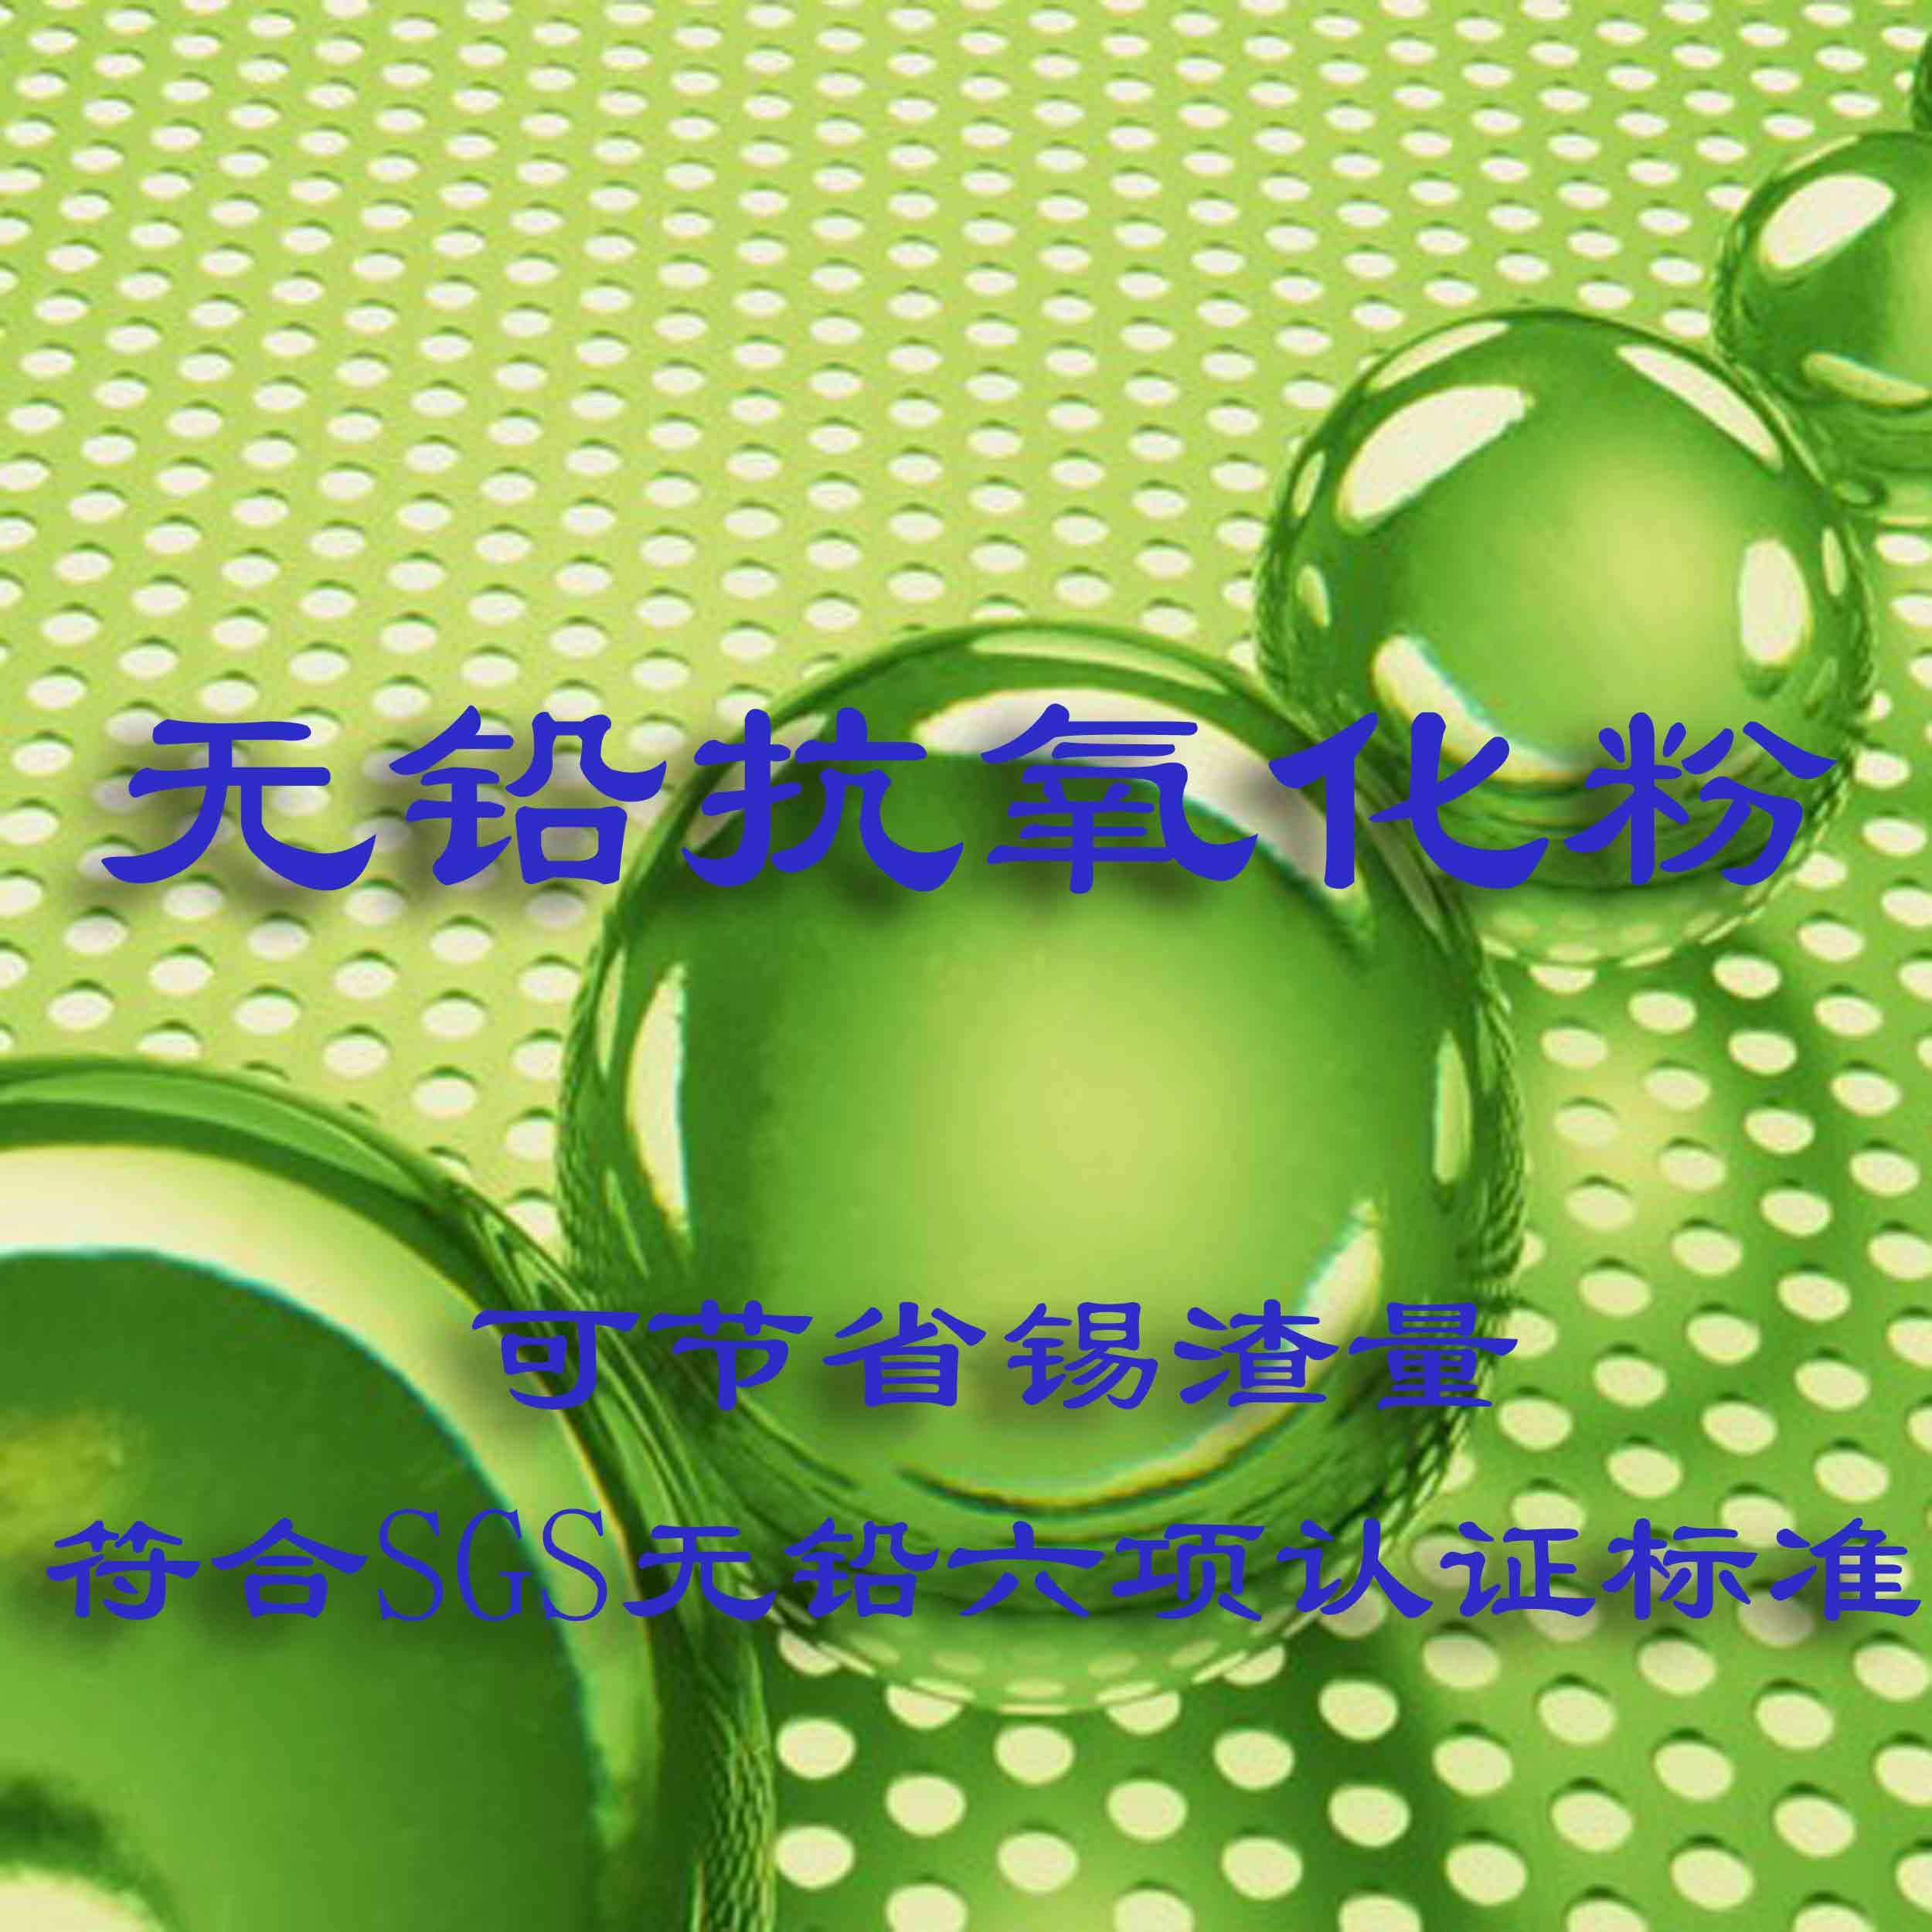 供应高温抗氧化防变剂热变防止剂热定型抗高温变剂(高温抗氧化